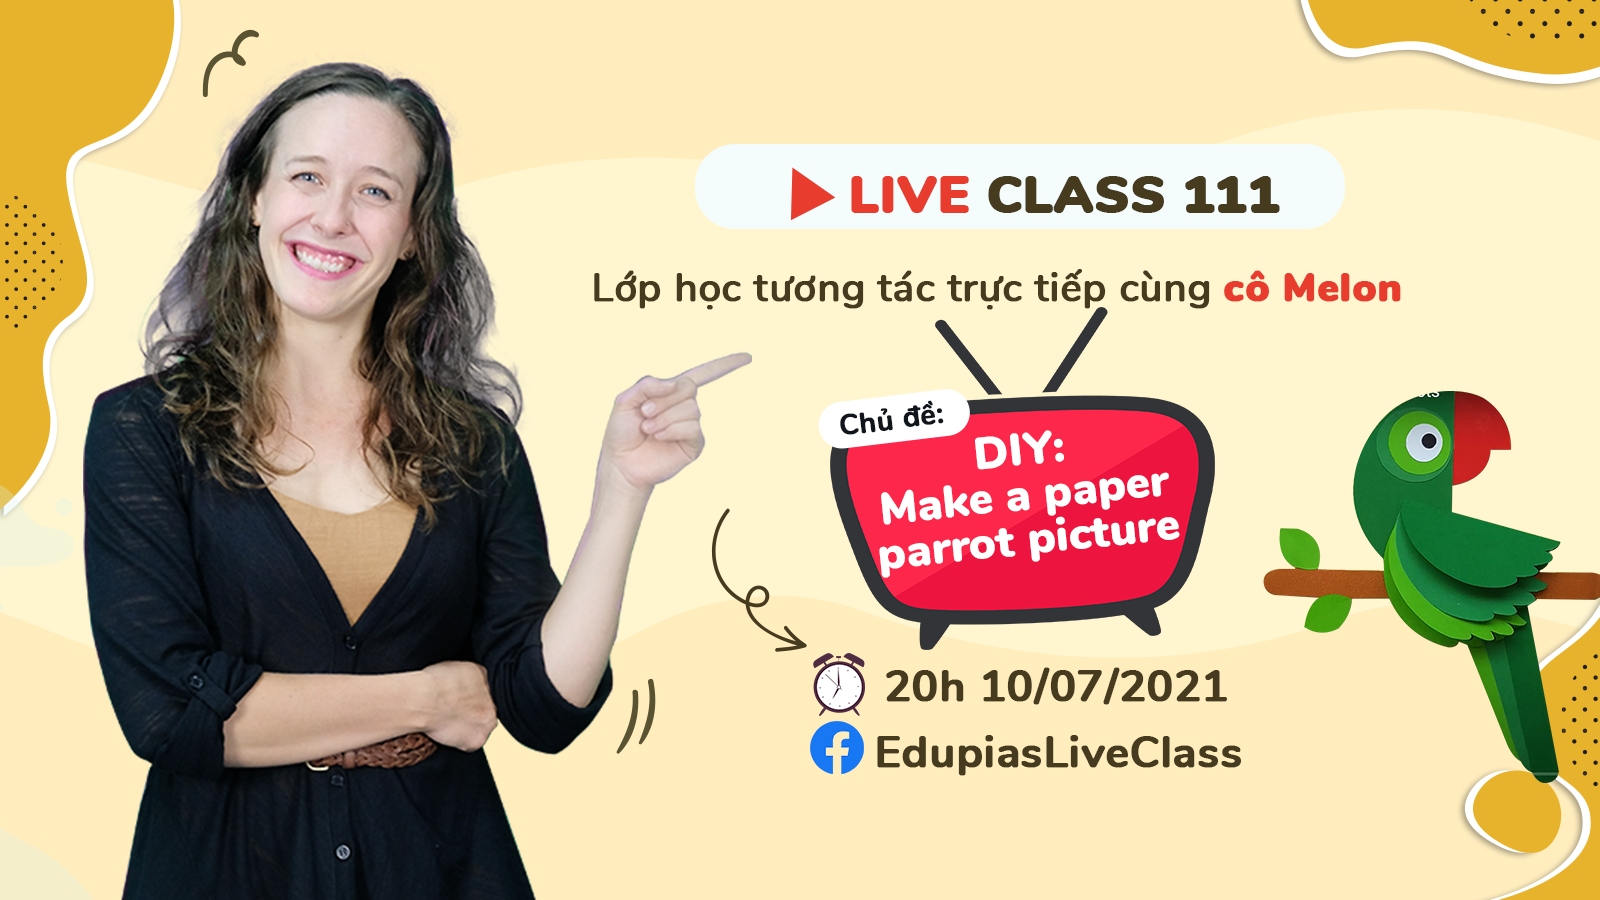 Live class tuần 111 - Chủ đề: Make a paper parrot picture